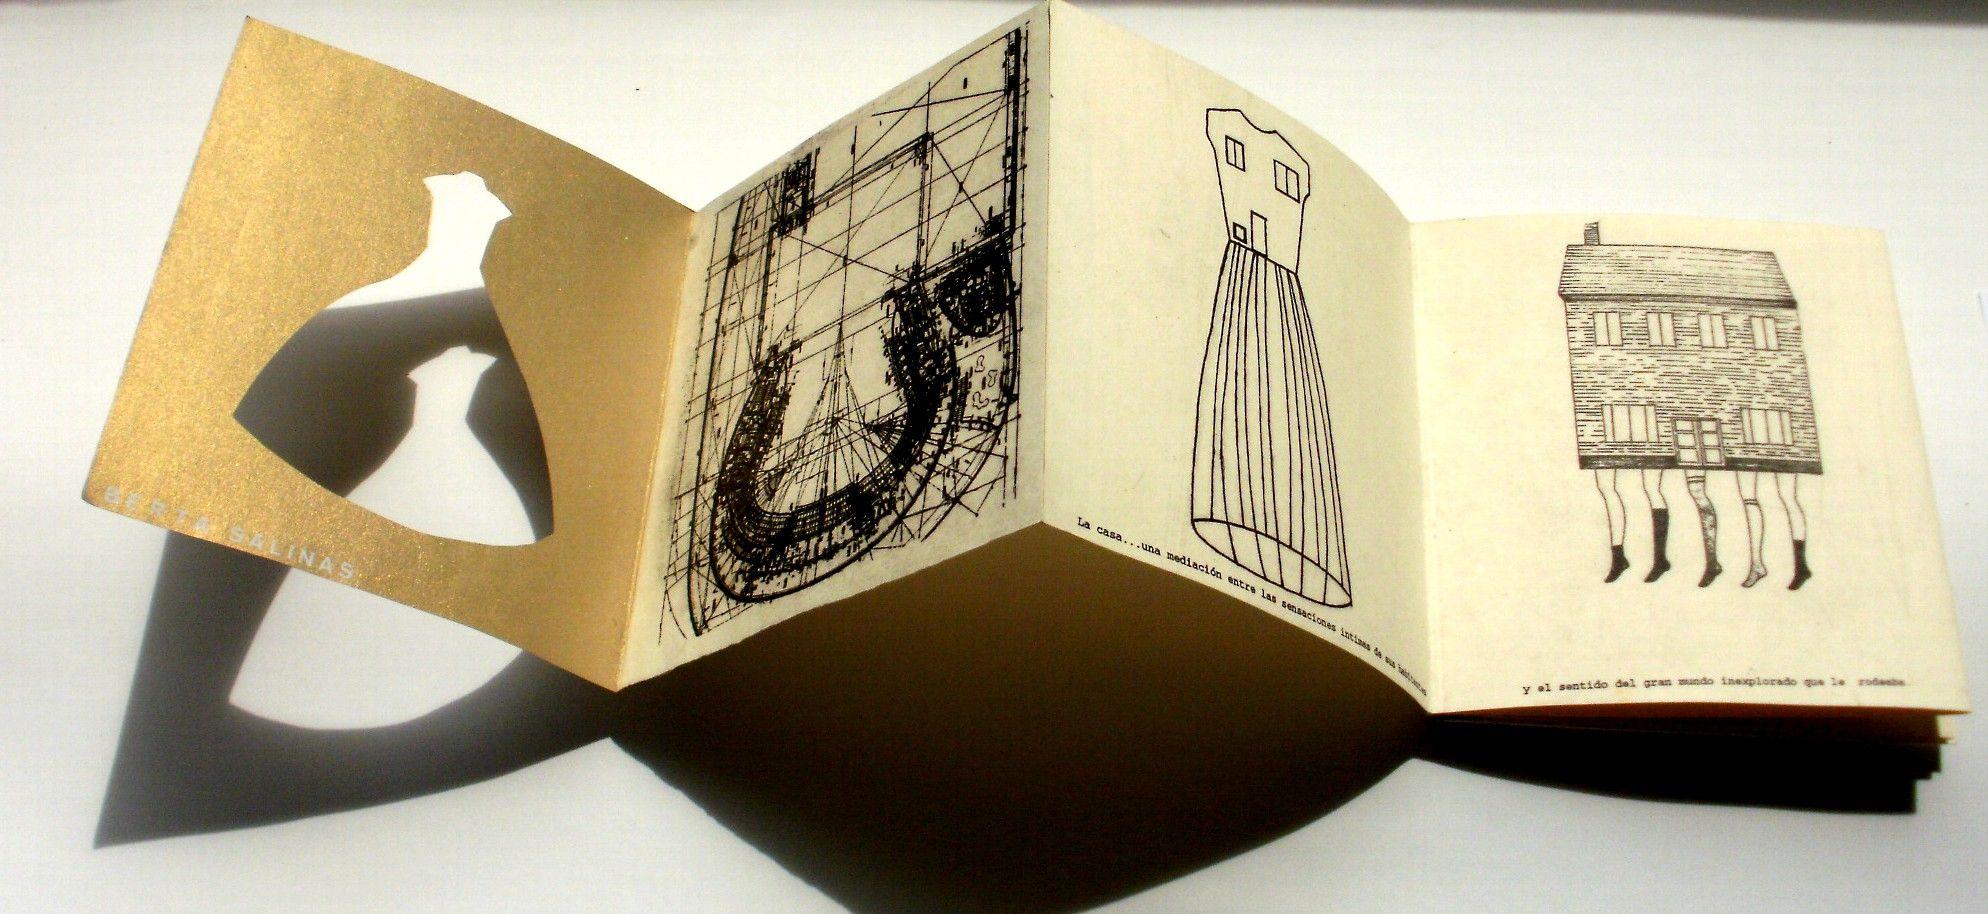 El Libro De Artista Como Tarea Global En Dibujo Artistico Libro De Artista Libros De Arte Libros Hechos A Mano